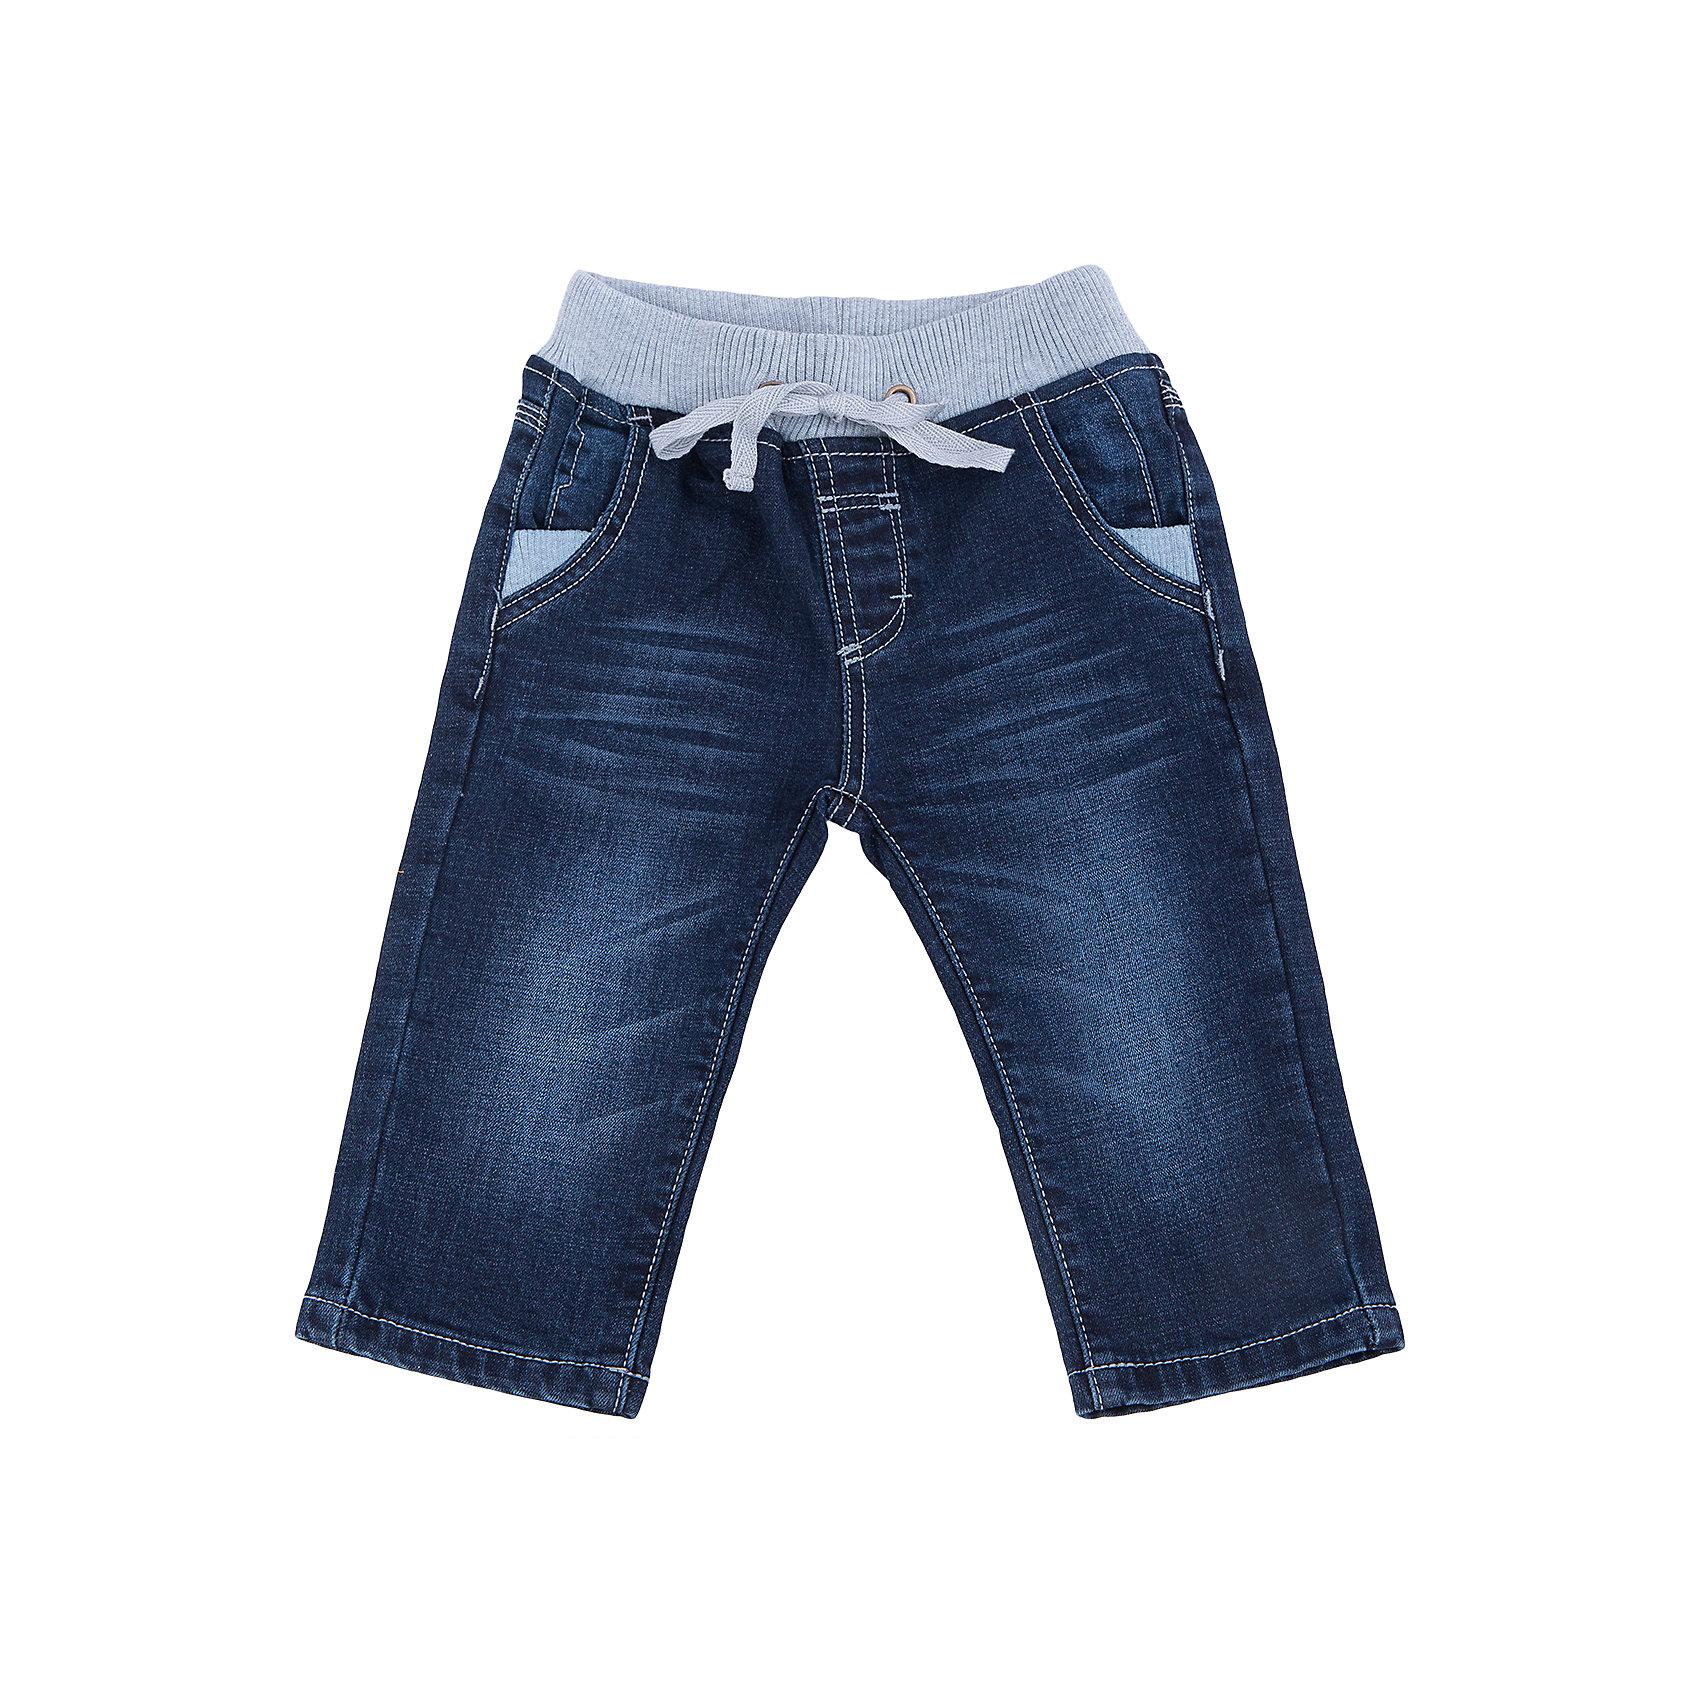 Джинсы для мальчика Sweet BerryДжинсы<br>Такая модель джинсов для мальчика отличается модным дизайном с контрастной прострочкой. Удачный крой обеспечит ребенку комфорт и тепло. Хлопковая подкладка делает вещь идеальной для прохладной погоды. Она плотно прилегает к телу там, где нужно, и отлично сидит по фигуре. Джинсы имеют регулировку размера на талии благодаря шнурку. Натуральный хлопок обеспечит коже возможность дышать и не вызовет аллергии.<br>Одежда от бренда Sweet Berry - это простой и выгодный способ одеть ребенка удобно и стильно. Всё изделия тщательно проработаны: швы - прочные, материал - качественный, фурнитура - подобранная специально для детей. <br><br>Дополнительная информация:<br><br>цвет: синий;<br>имитация потертостей;<br>материал: верх - 98% хлопок, 2% эластан, подкладка - 100% хлопок;<br>внутри на поясе - шнурок.<br><br>Джинсы для мальчика от бренда Sweet Berry можно купить в нашем интернет-магазине.<br><br>Ширина мм: 215<br>Глубина мм: 88<br>Высота мм: 191<br>Вес г: 336<br>Цвет: синий<br>Возраст от месяцев: 24<br>Возраст до месяцев: 36<br>Пол: Мужской<br>Возраст: Детский<br>Размер: 98,92,80,86<br>SKU: 4929992